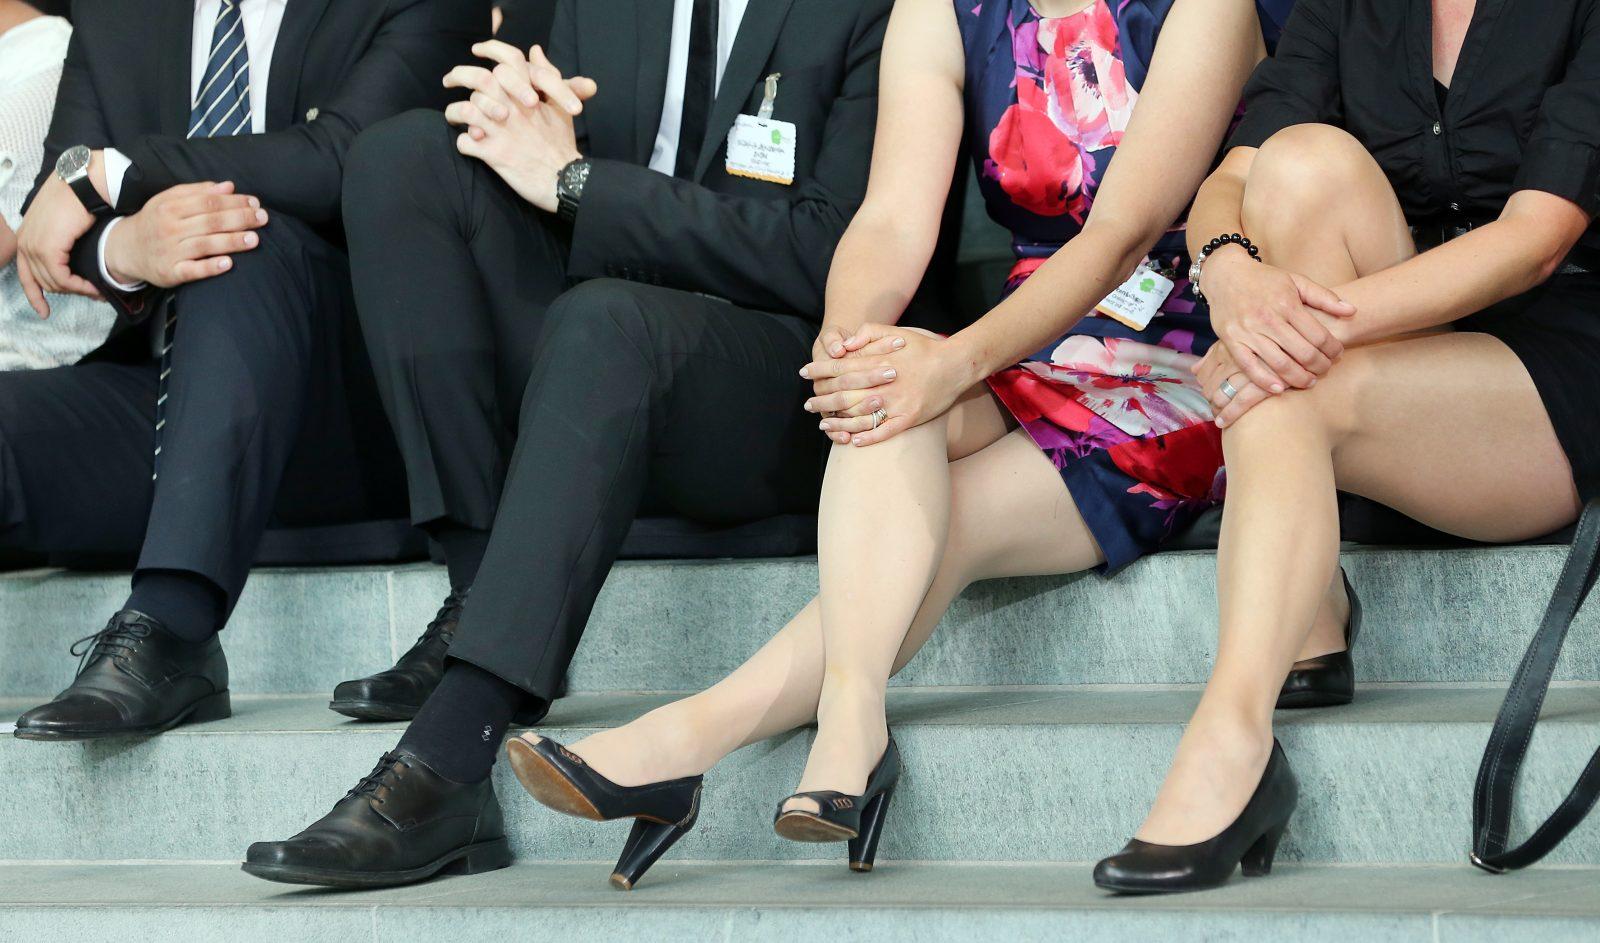 Die US-Technologiebörse Nasdaq will Unternehmen, die Frauen und Minderheiten nicht berücksichtigen, die Börsenzulassung entziehen